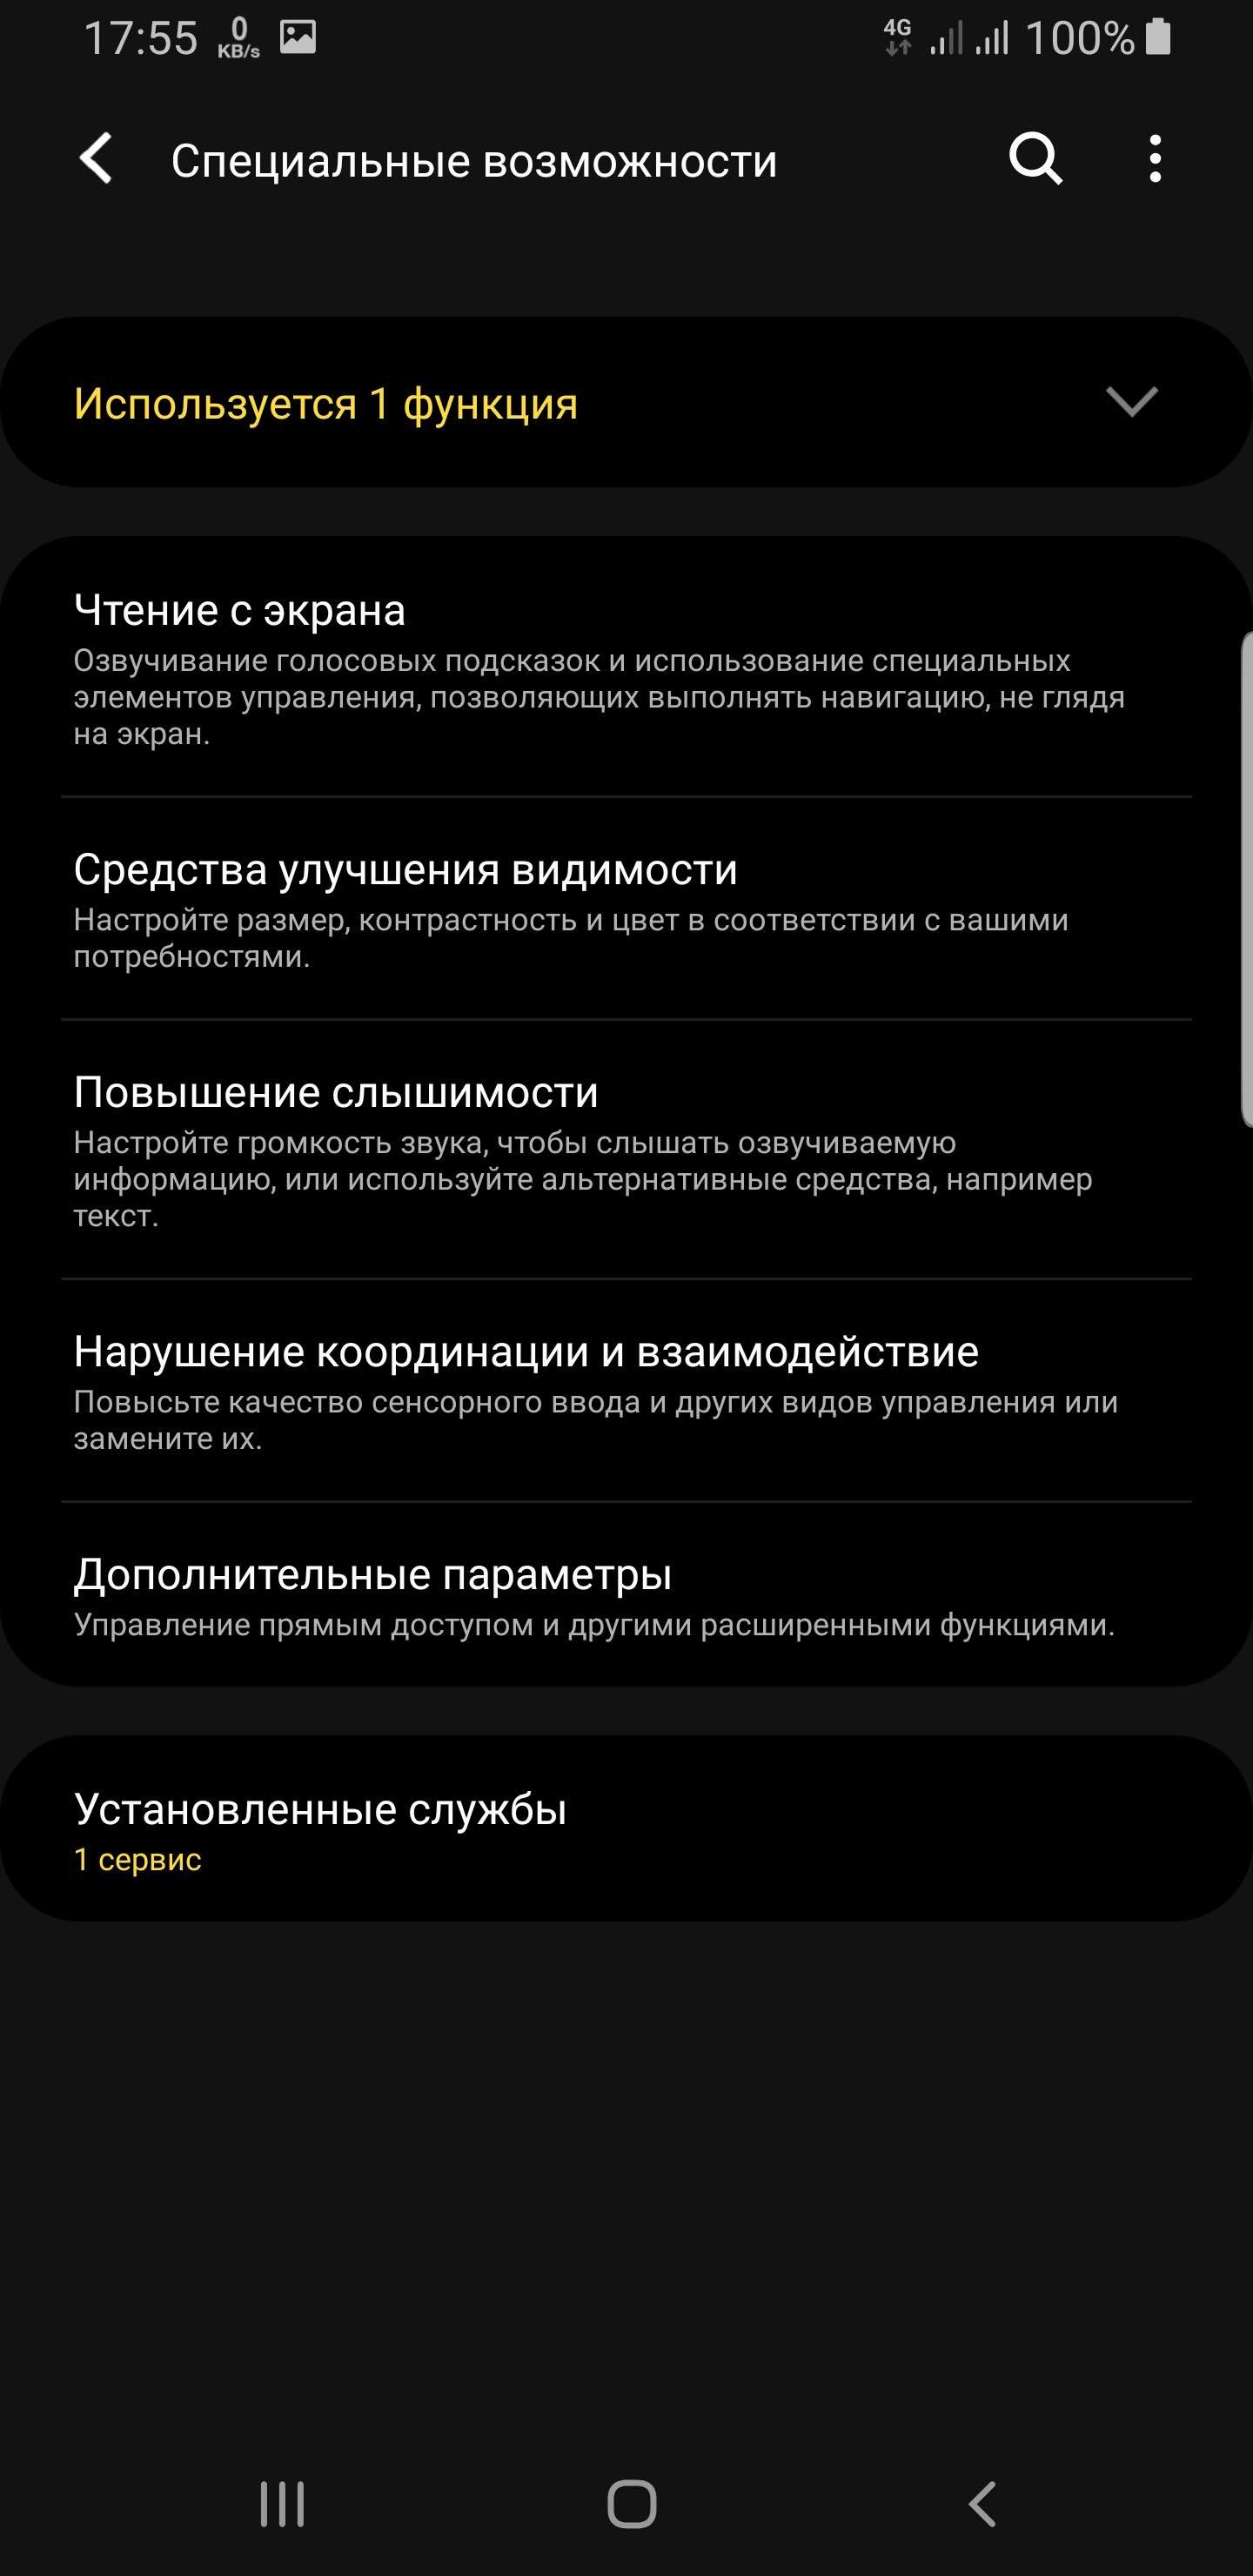 Как активировать разделение экрана в Samsung на Android 9 Pie